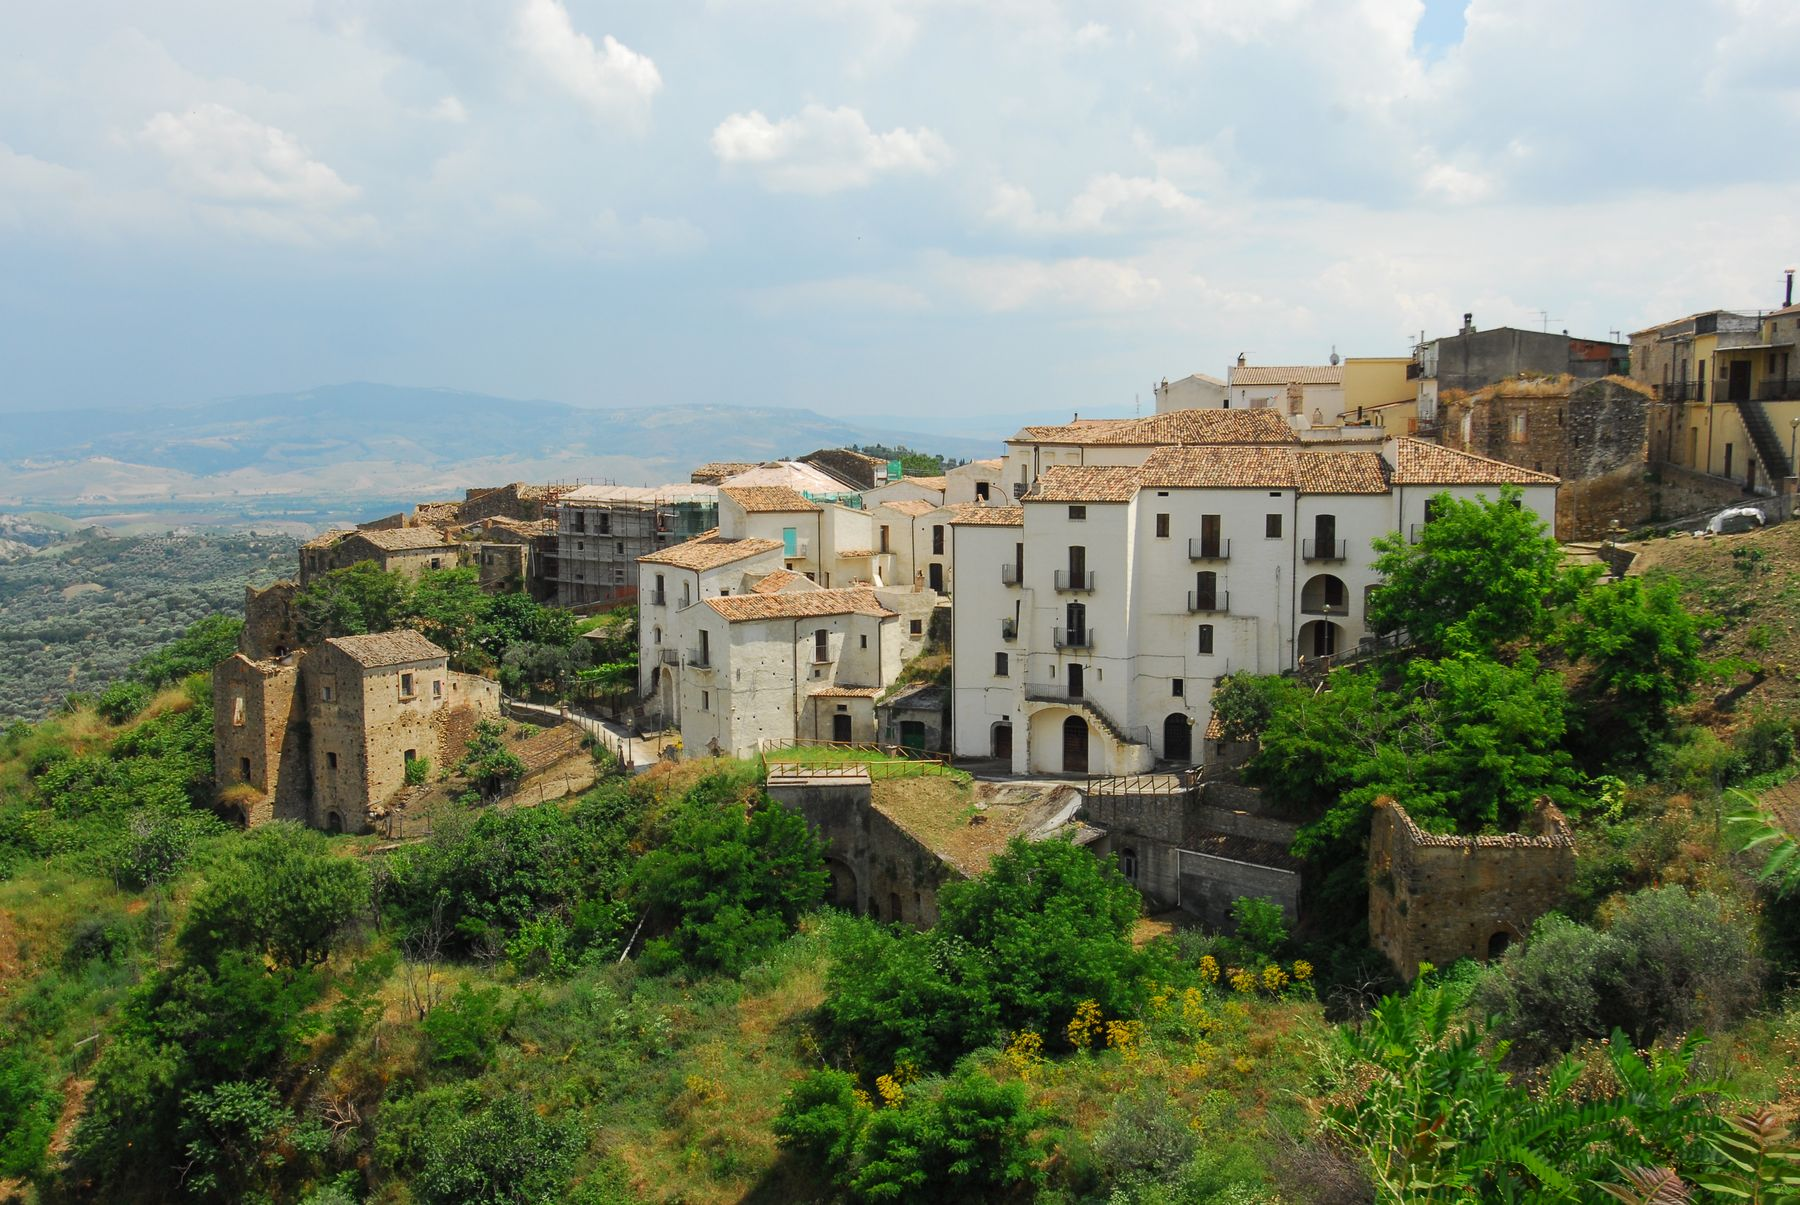 Aliano - Road trip in Basilicata